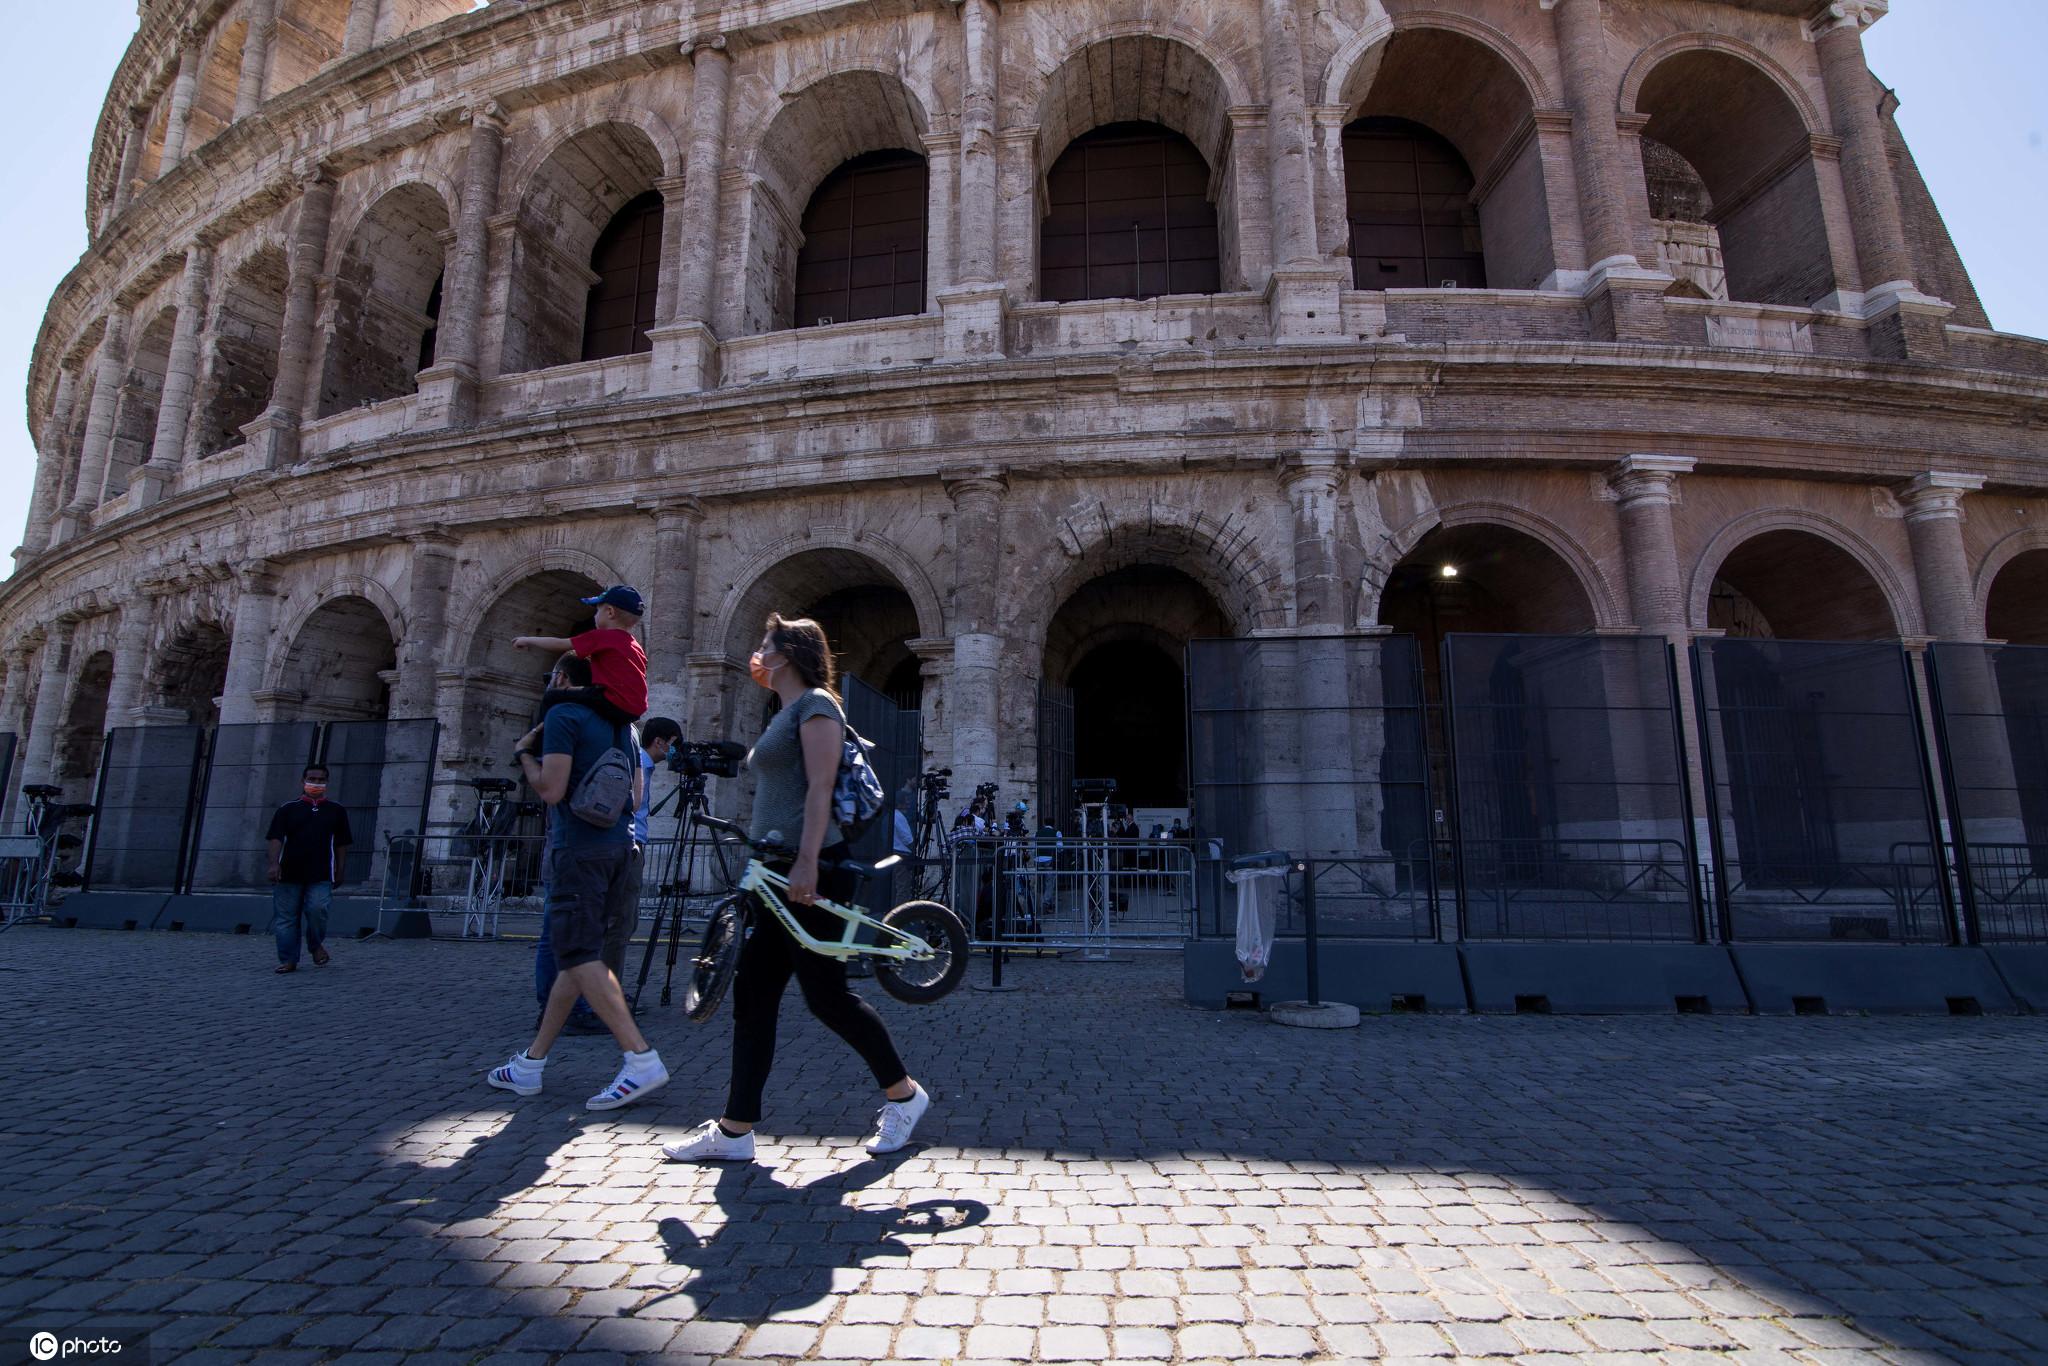 意大利罗马斗兽场开放吸引游客参观